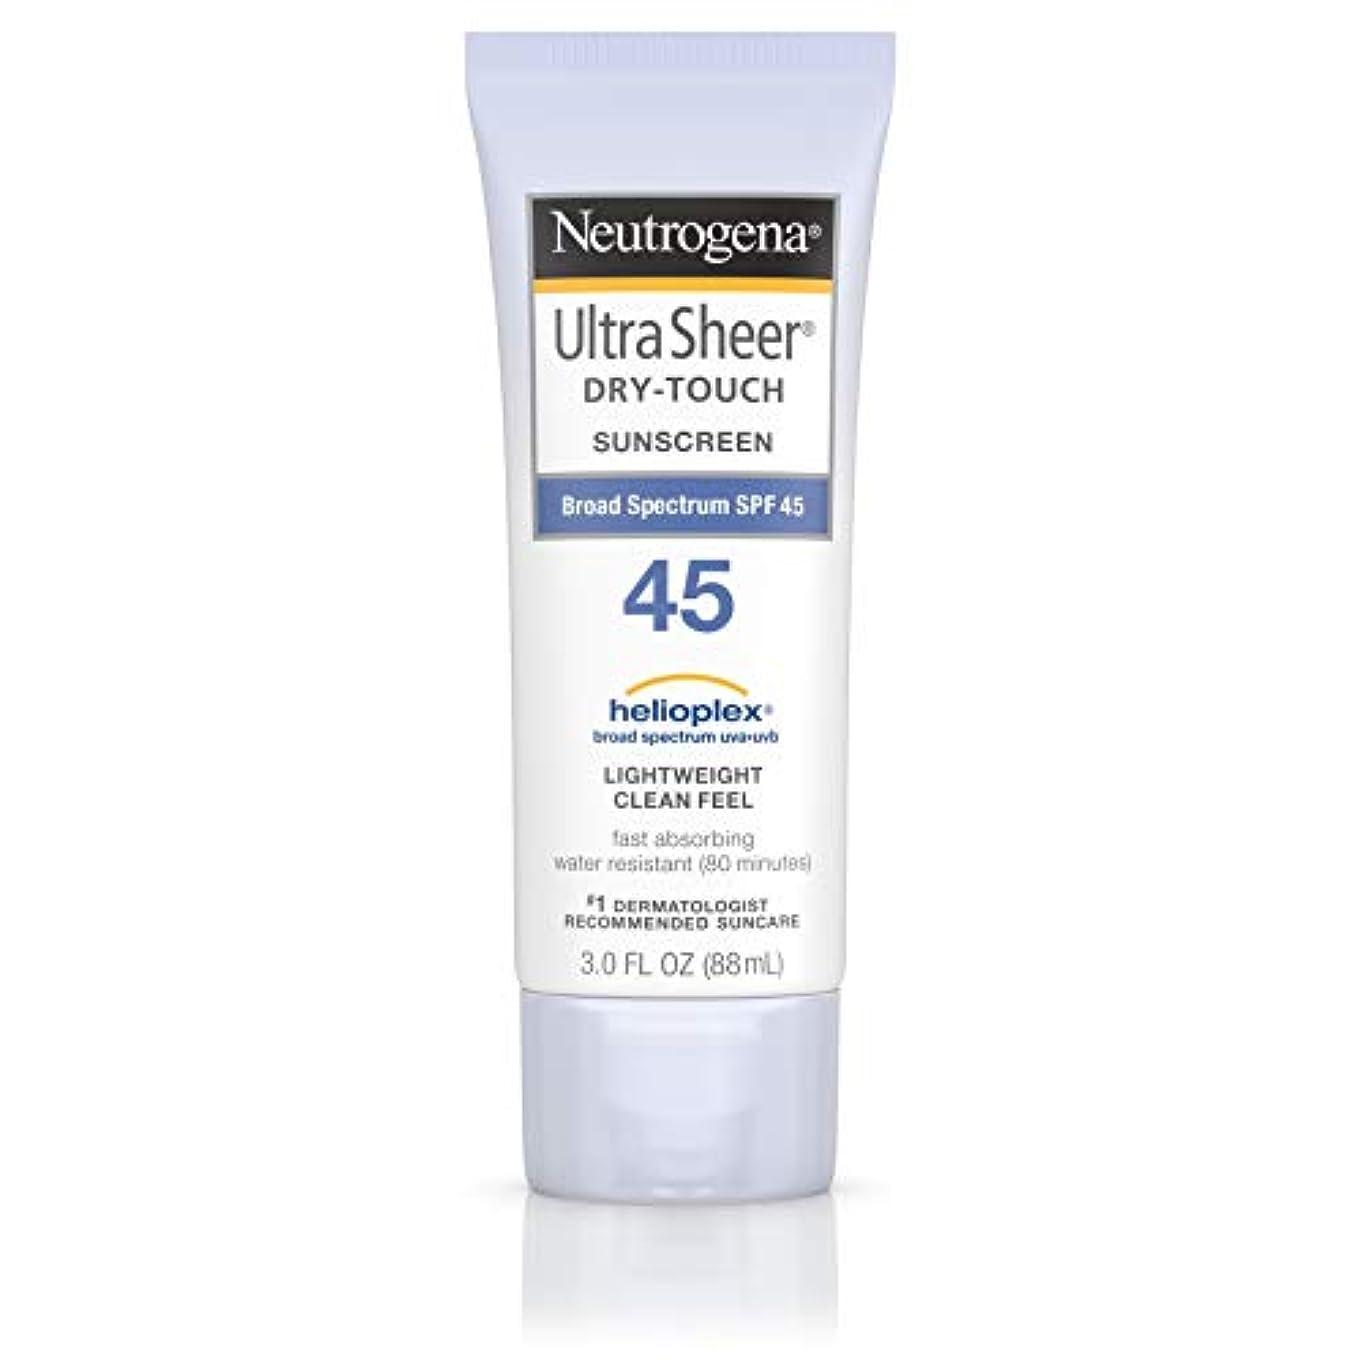 ジャーナル一生間違い海外直送品 Neutrogena Neutrogena Ultra Sheer Dry-Touch Sunblock Spf 45【並行輸入品】